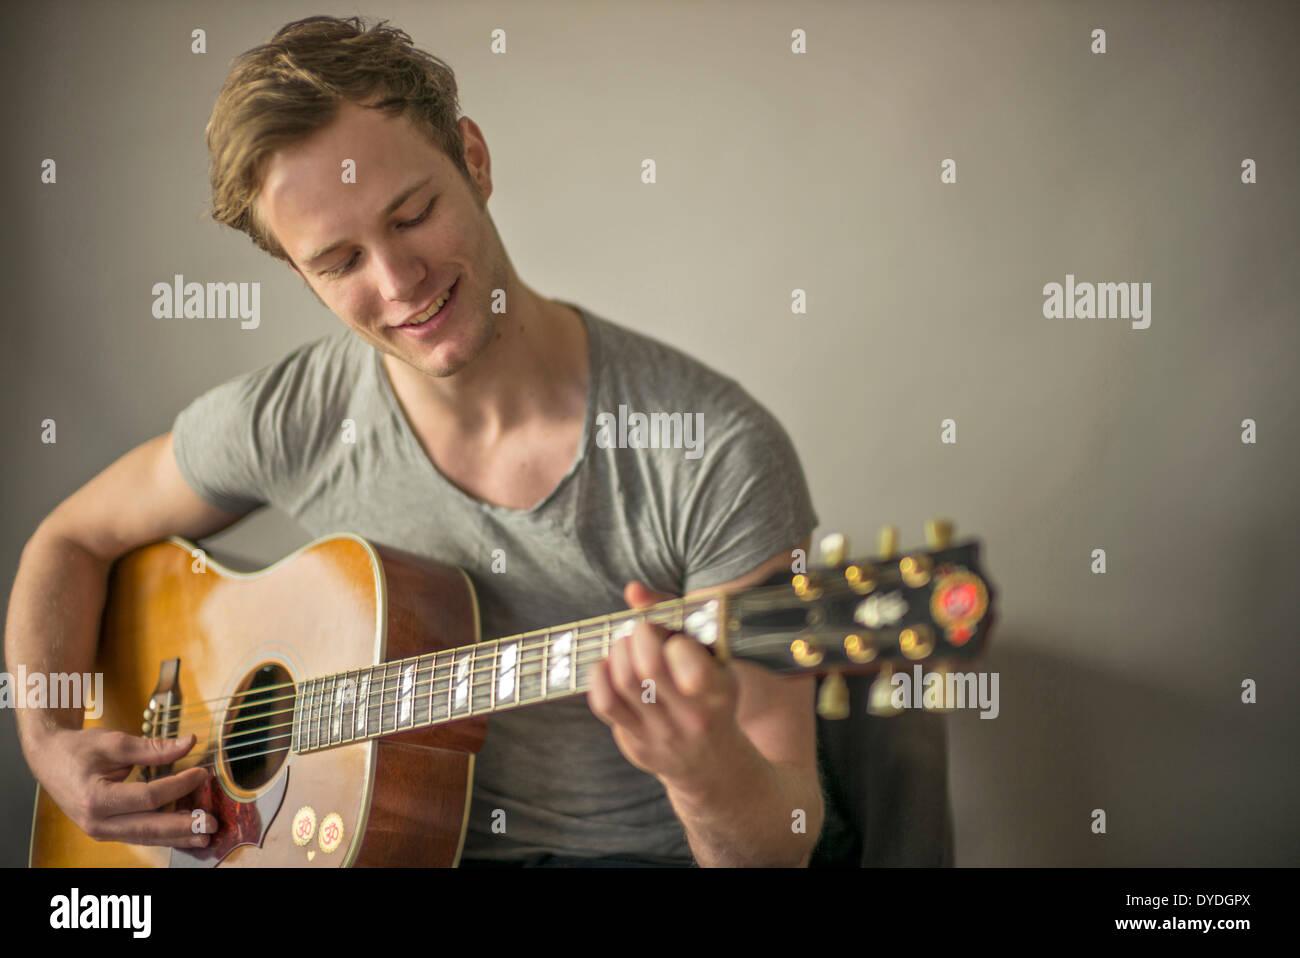 Un beau jeune homme jouant de la guitare acoustique. Photo Stock